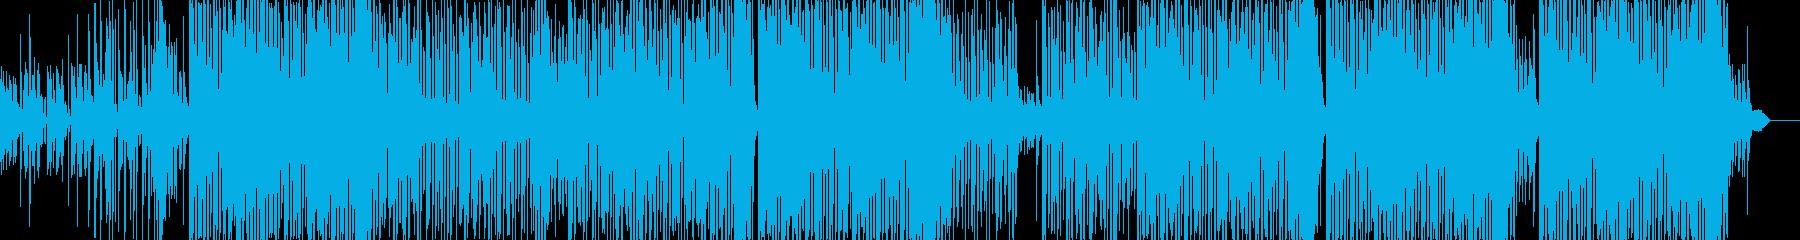 リズミカルなトロピカルハウス/夏曲BGMの再生済みの波形